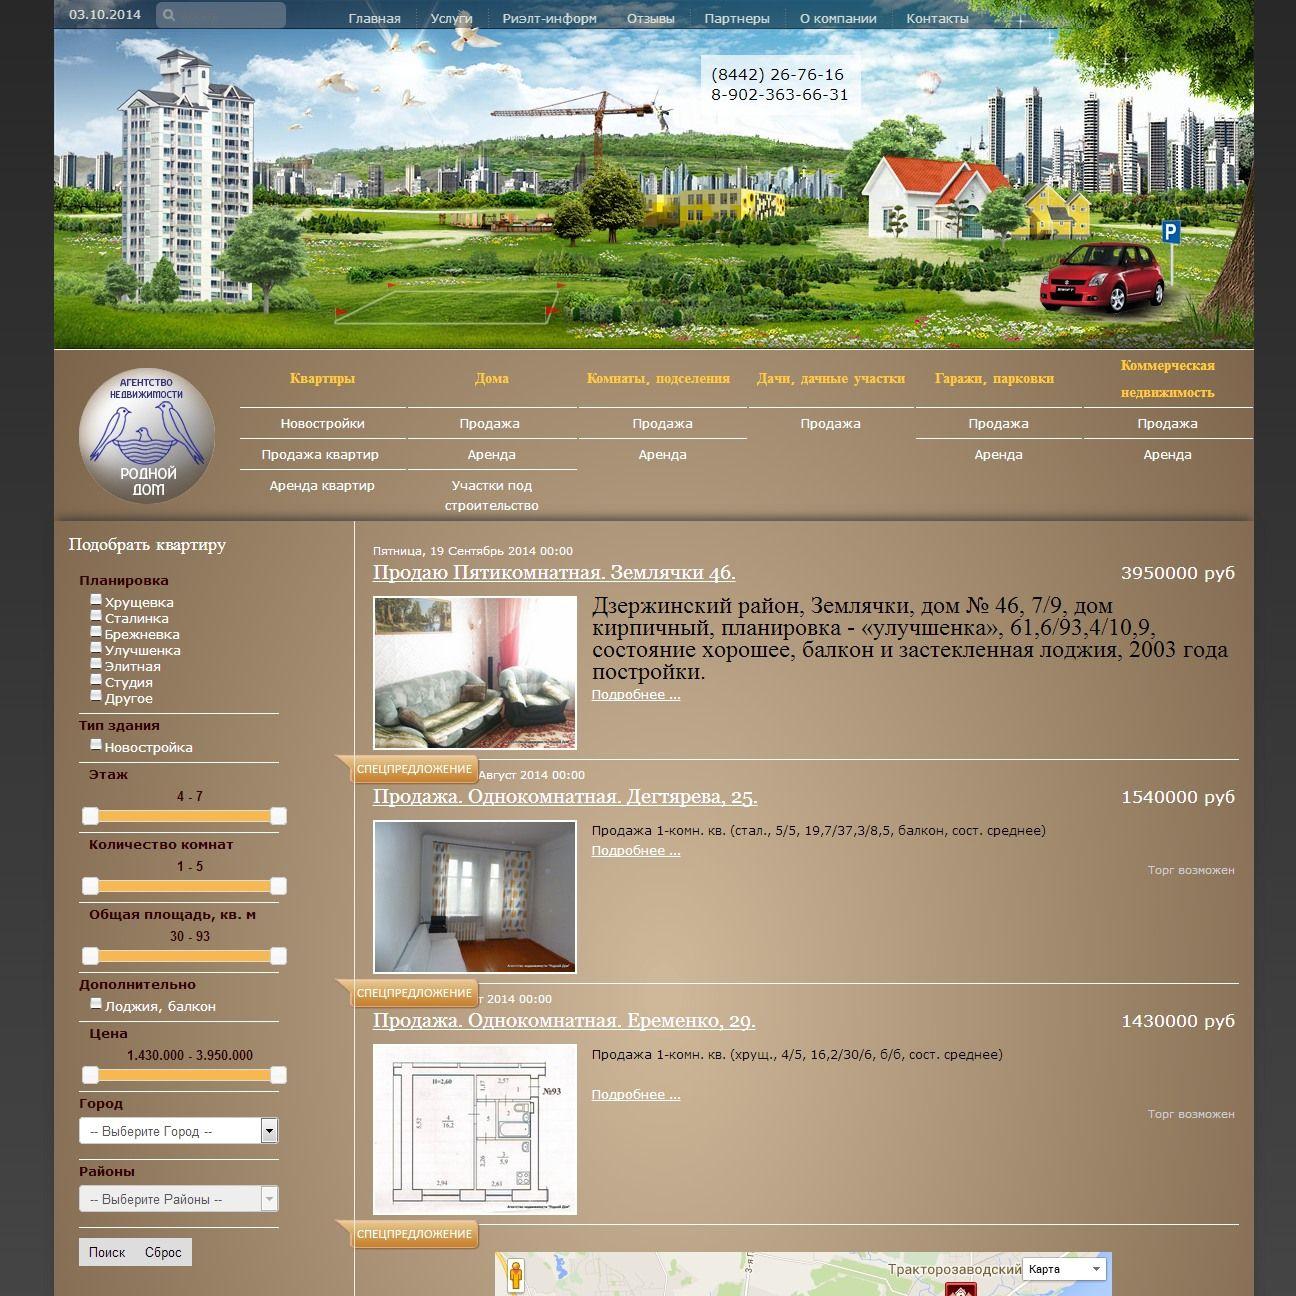 Создание сайта недвижимости на joomla создание сайтов знакомств